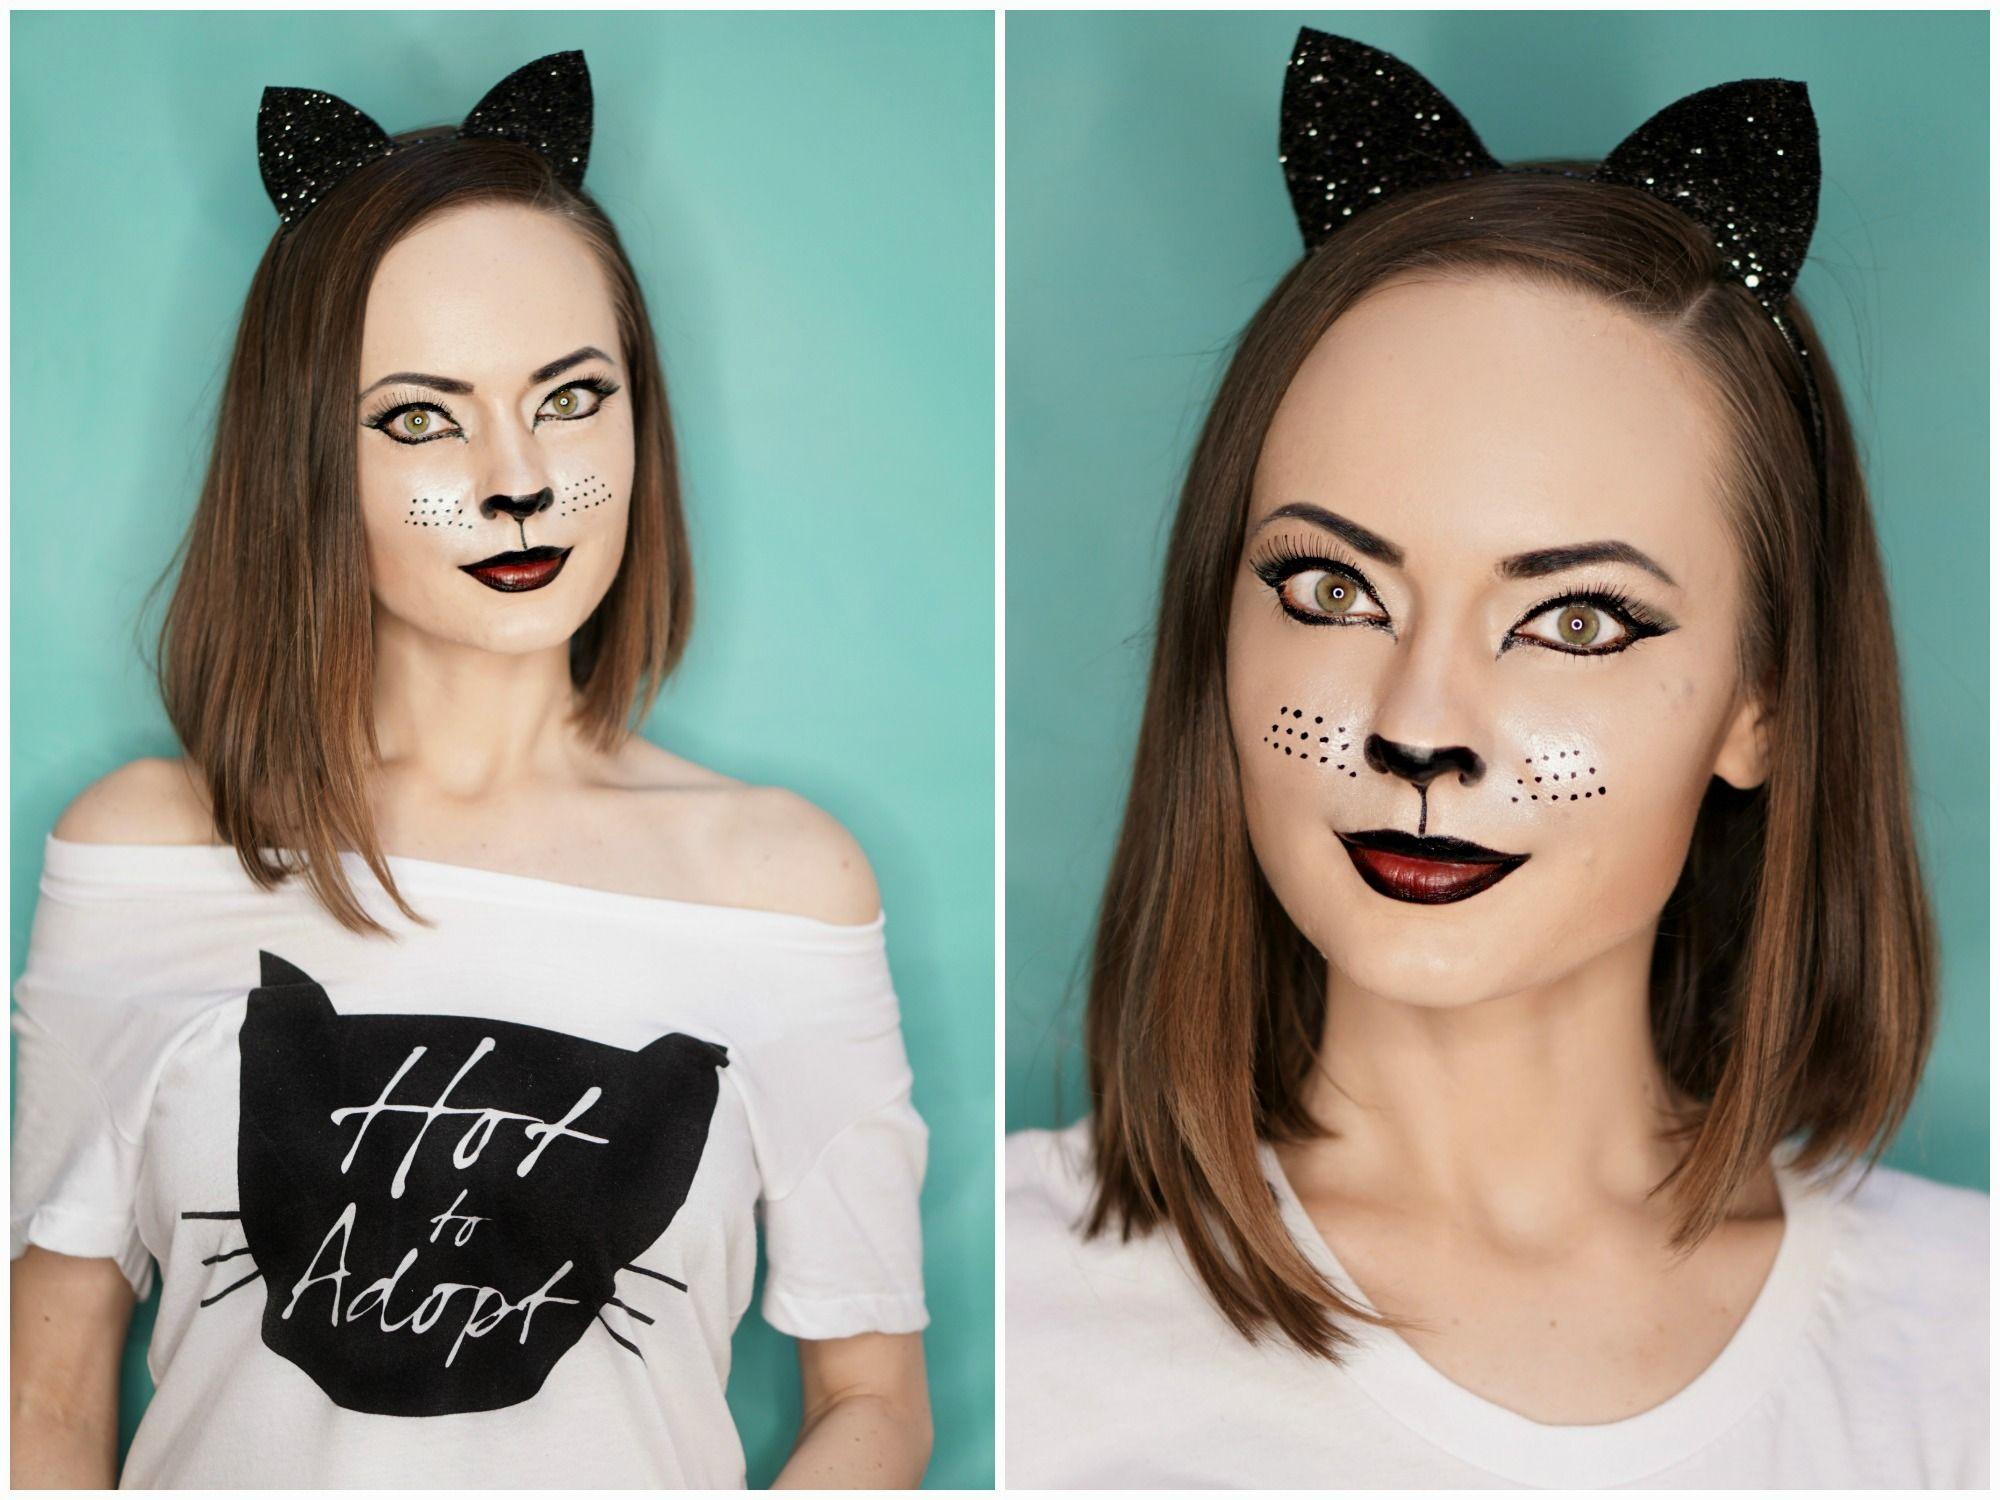 Cat Makeup Easy To Repeat Halloween Makeup Tutorial Cat Makeup Halloween Makeup Tutorial Easy Halloween Makeup Tutorial